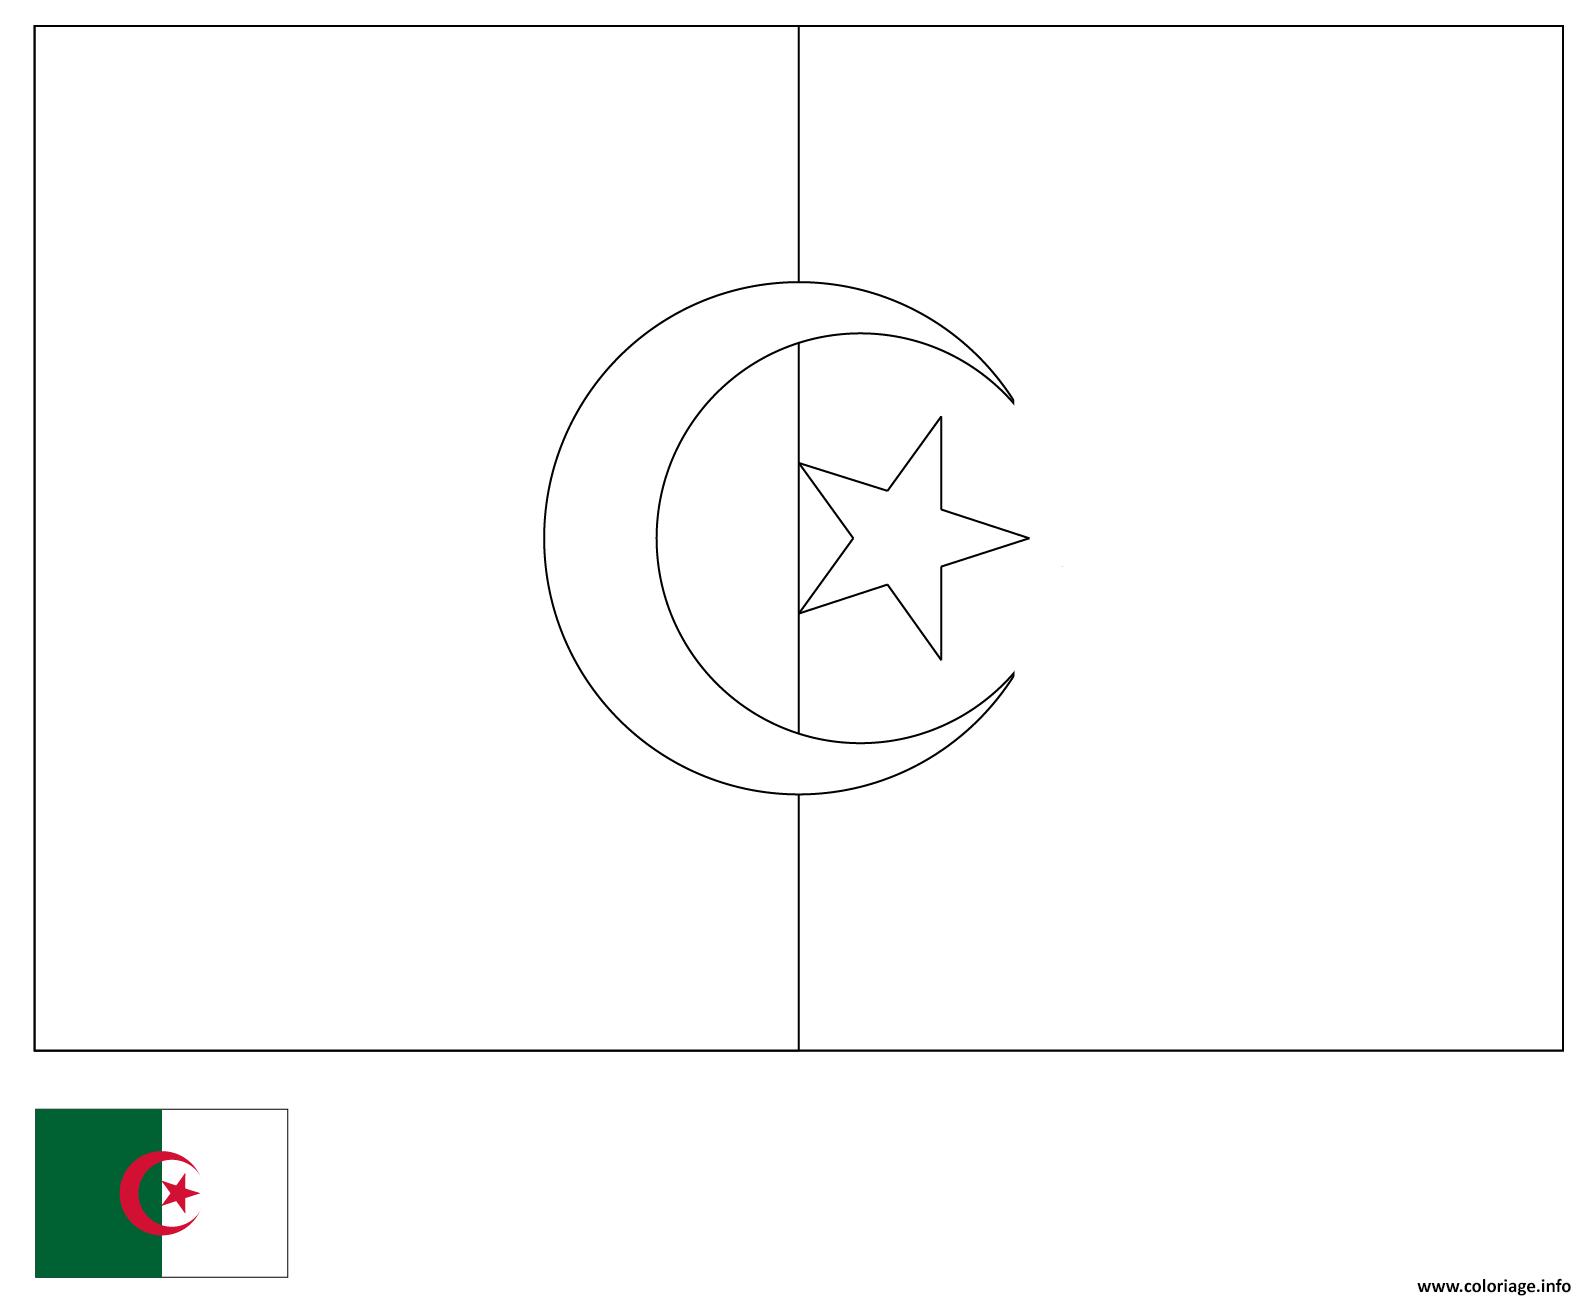 Dessin drapeau algerie 2 Coloriage Gratuit à Imprimer